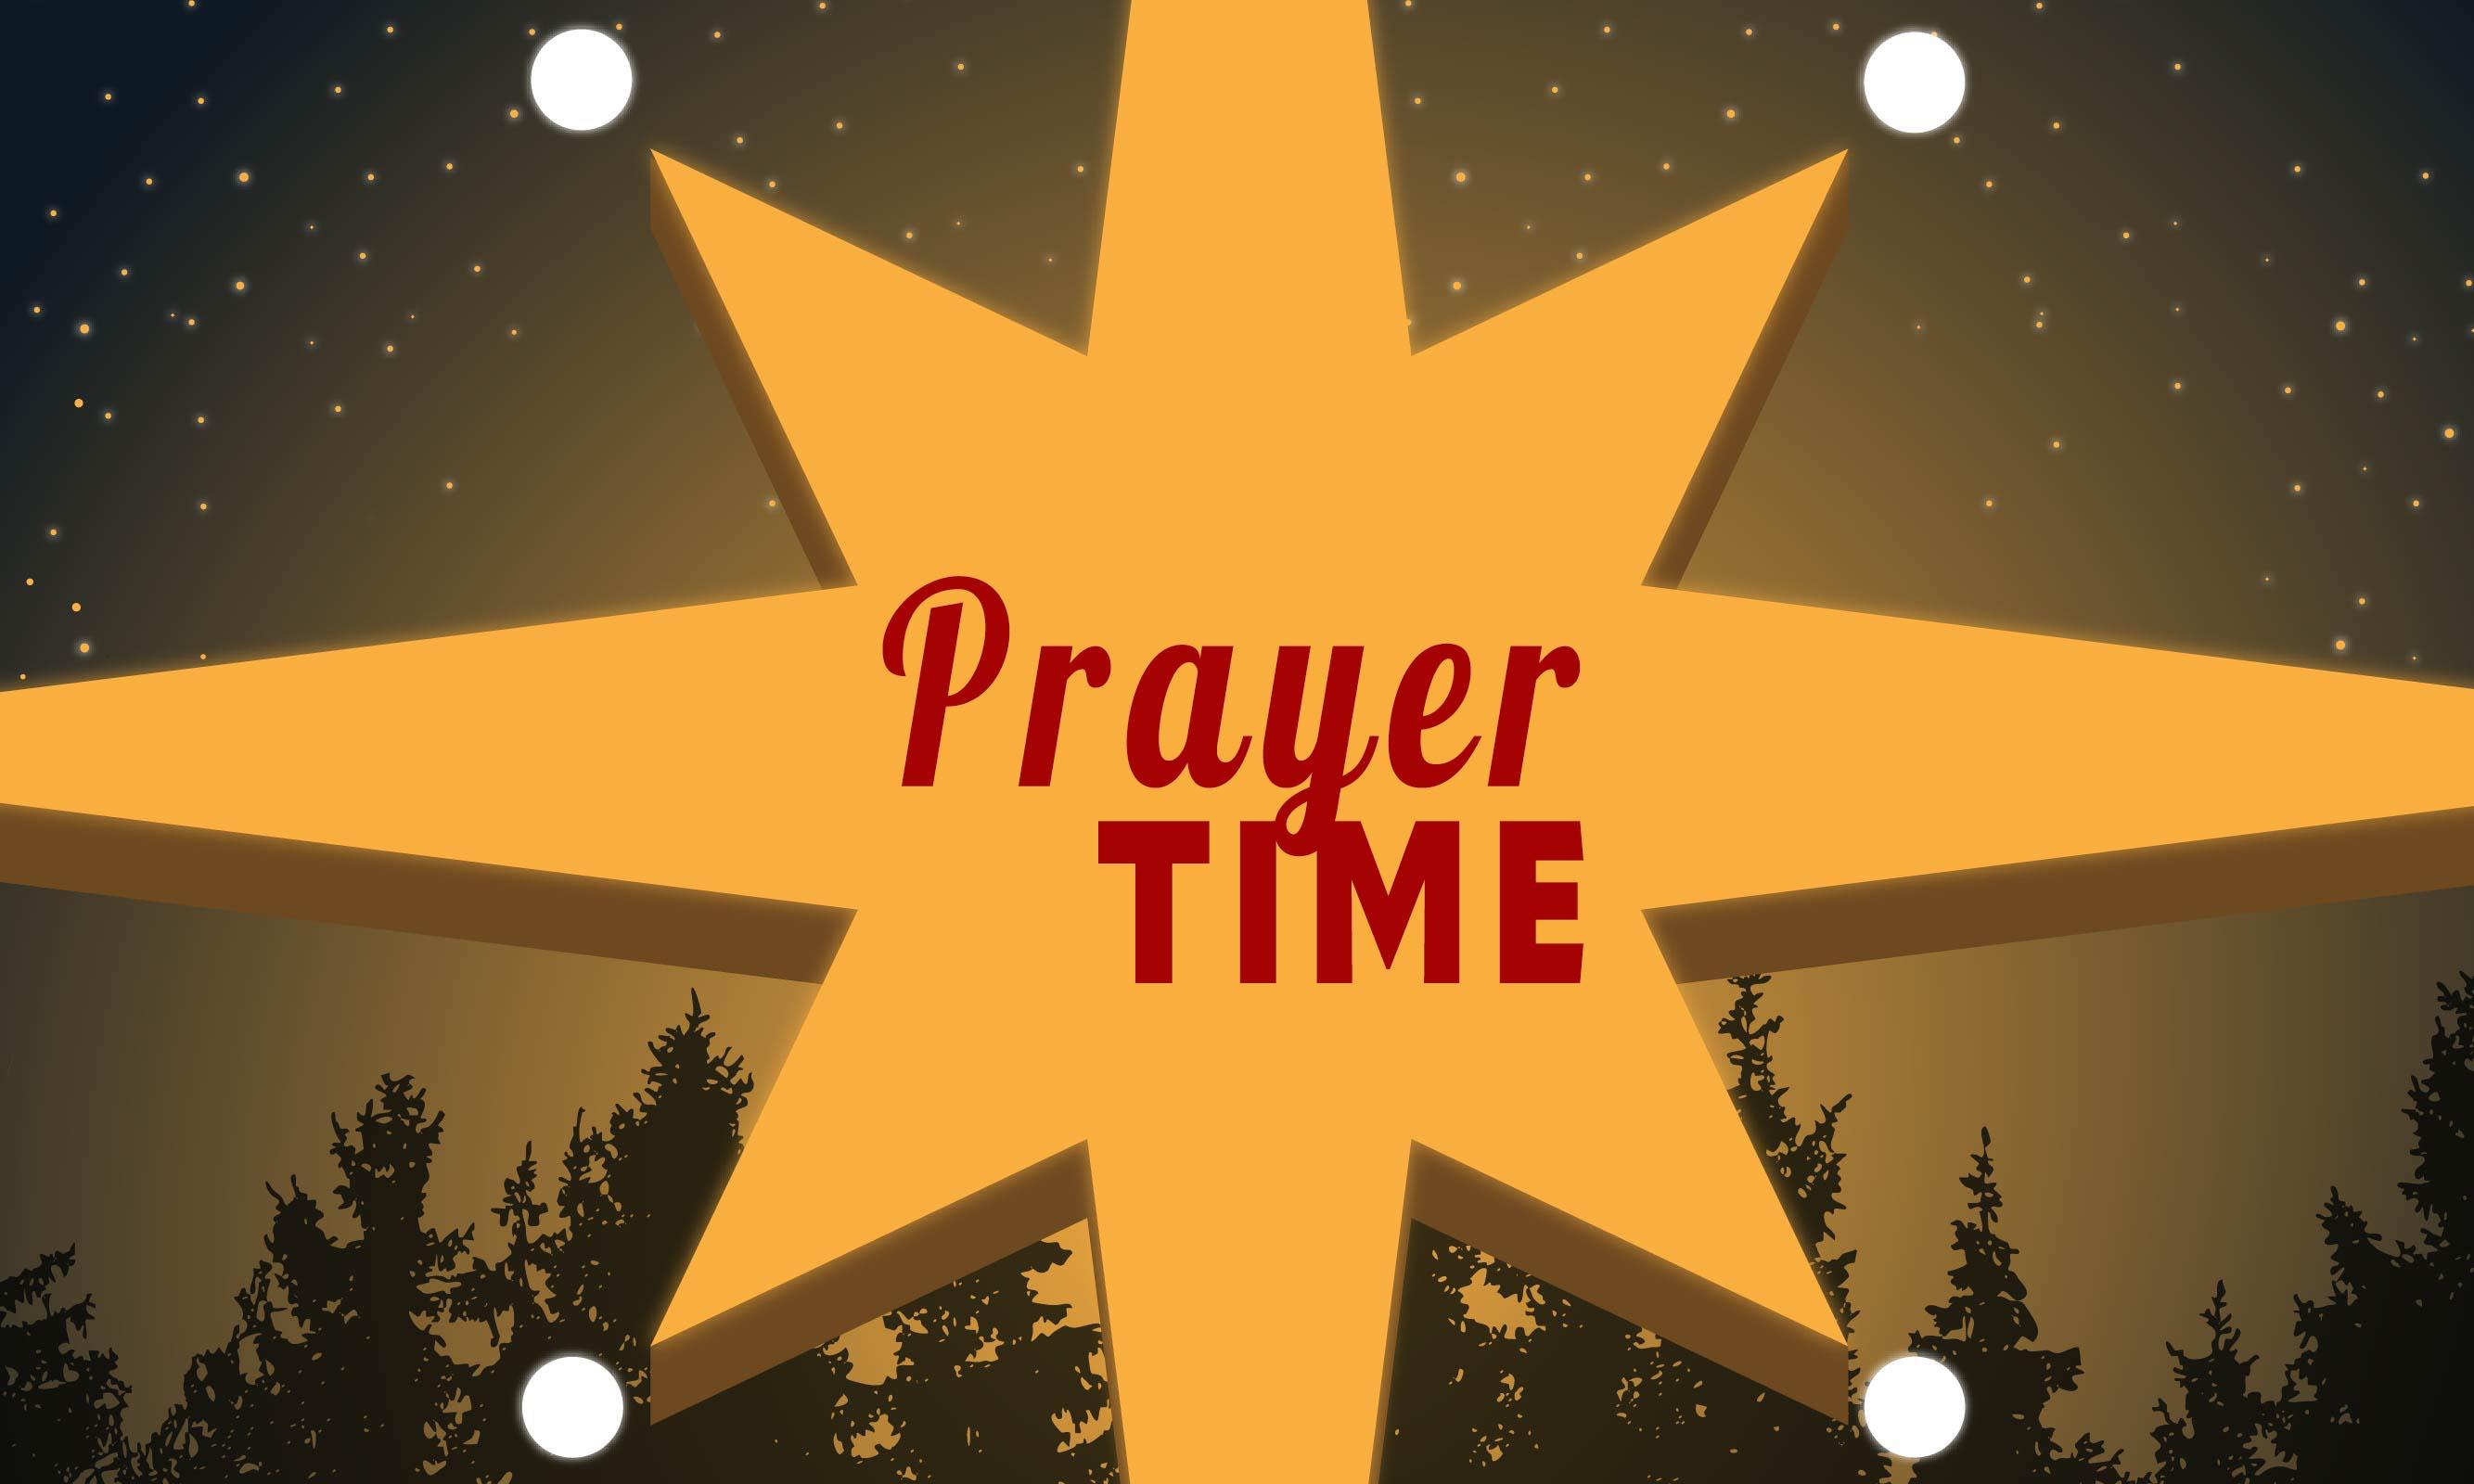 Main Slide 5 - Prayer (JPG)